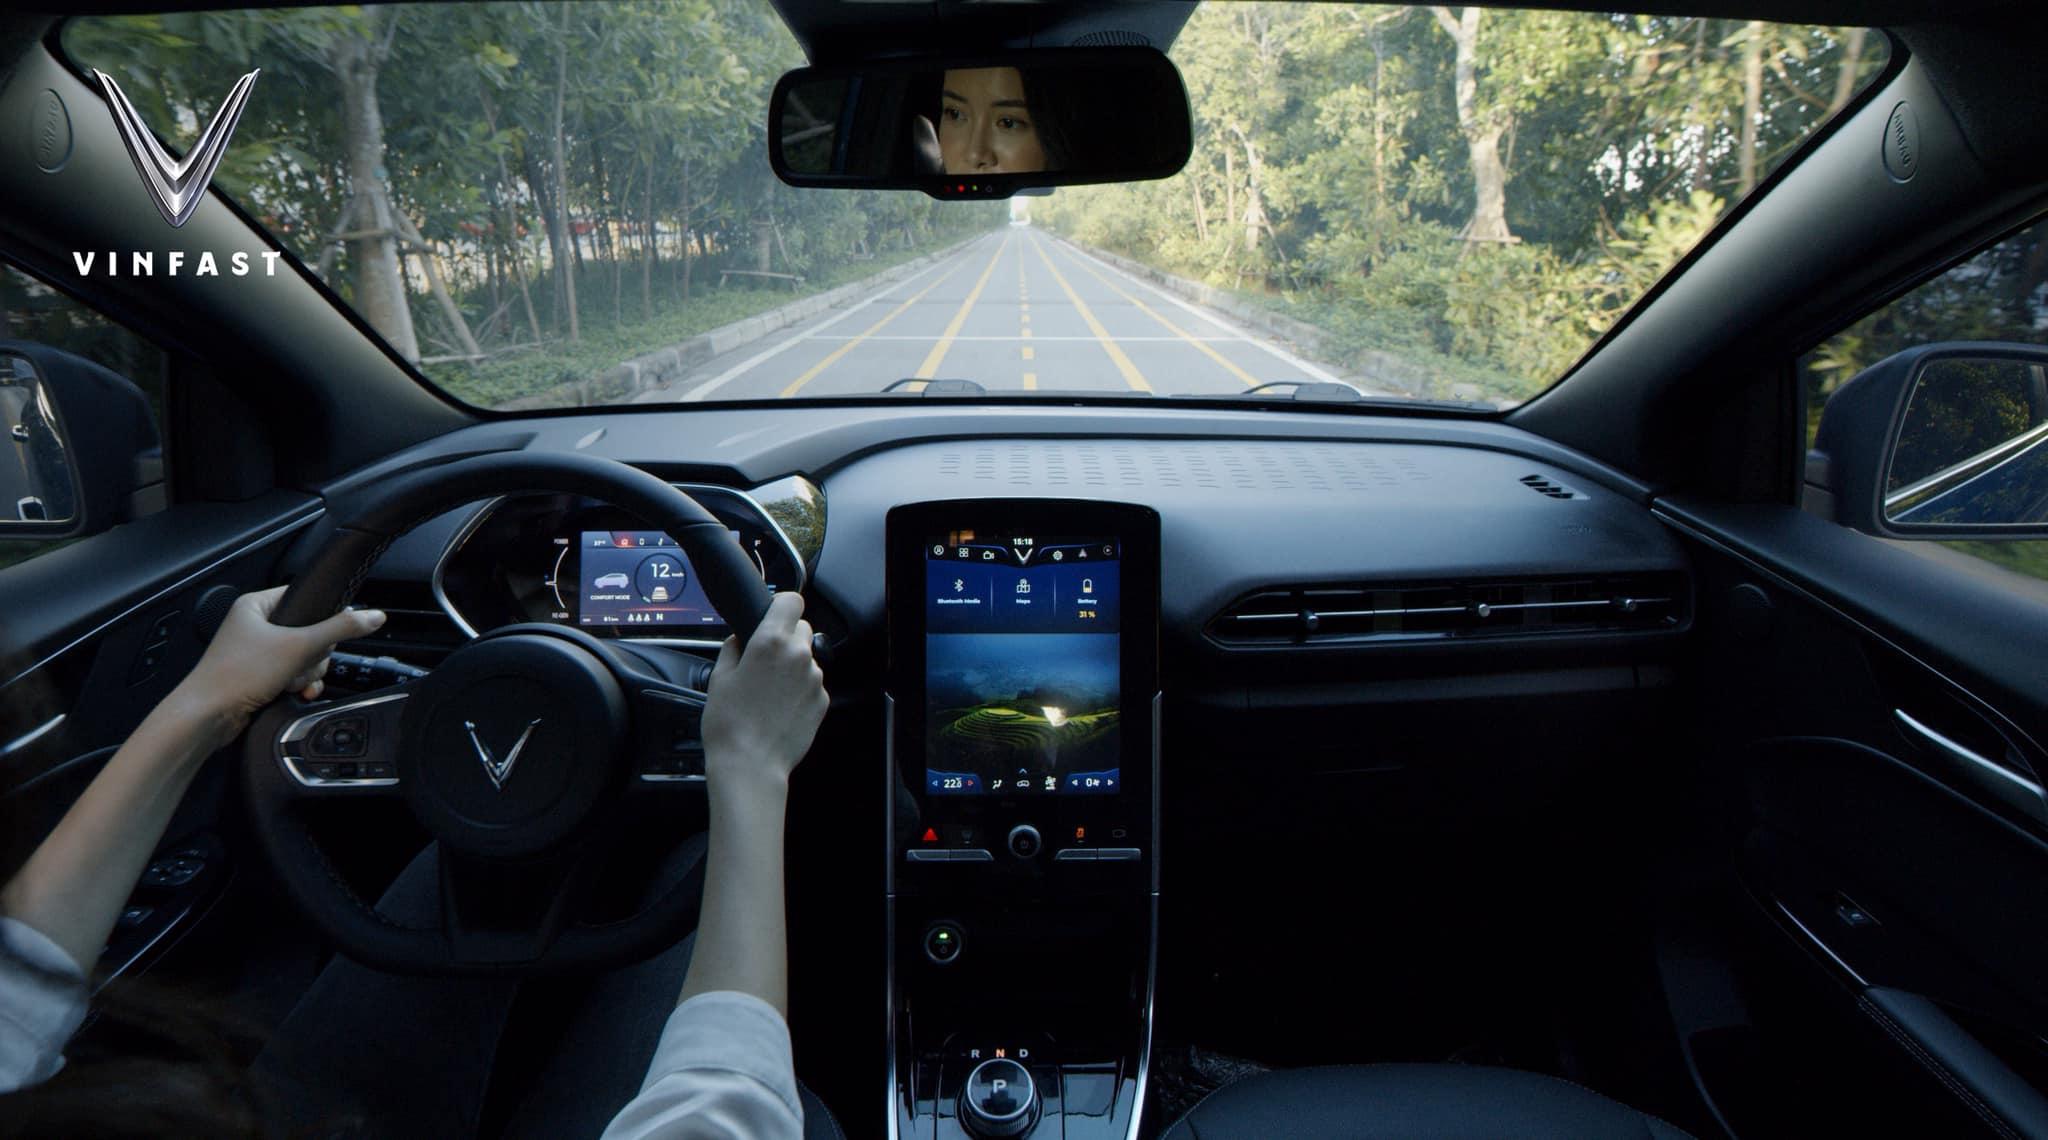 Nội thất khoang trước của xe điện VinFast VF E34 với người phụ nữ đang điều khiển xe